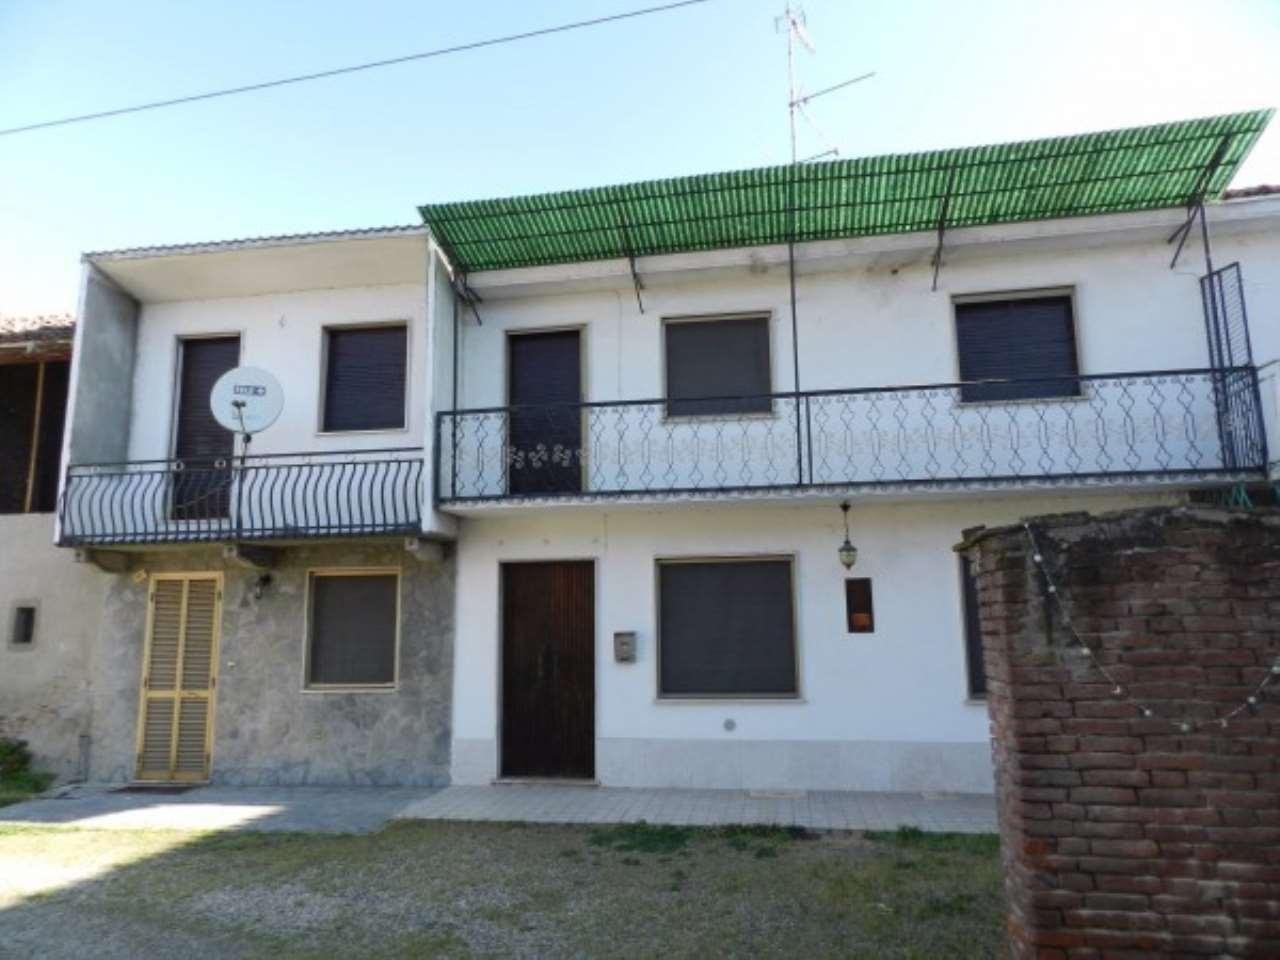 Appartamento in vendita a San Giorgio di Lomellina, 3 locali, prezzo € 38.000 | Cambio Casa.it